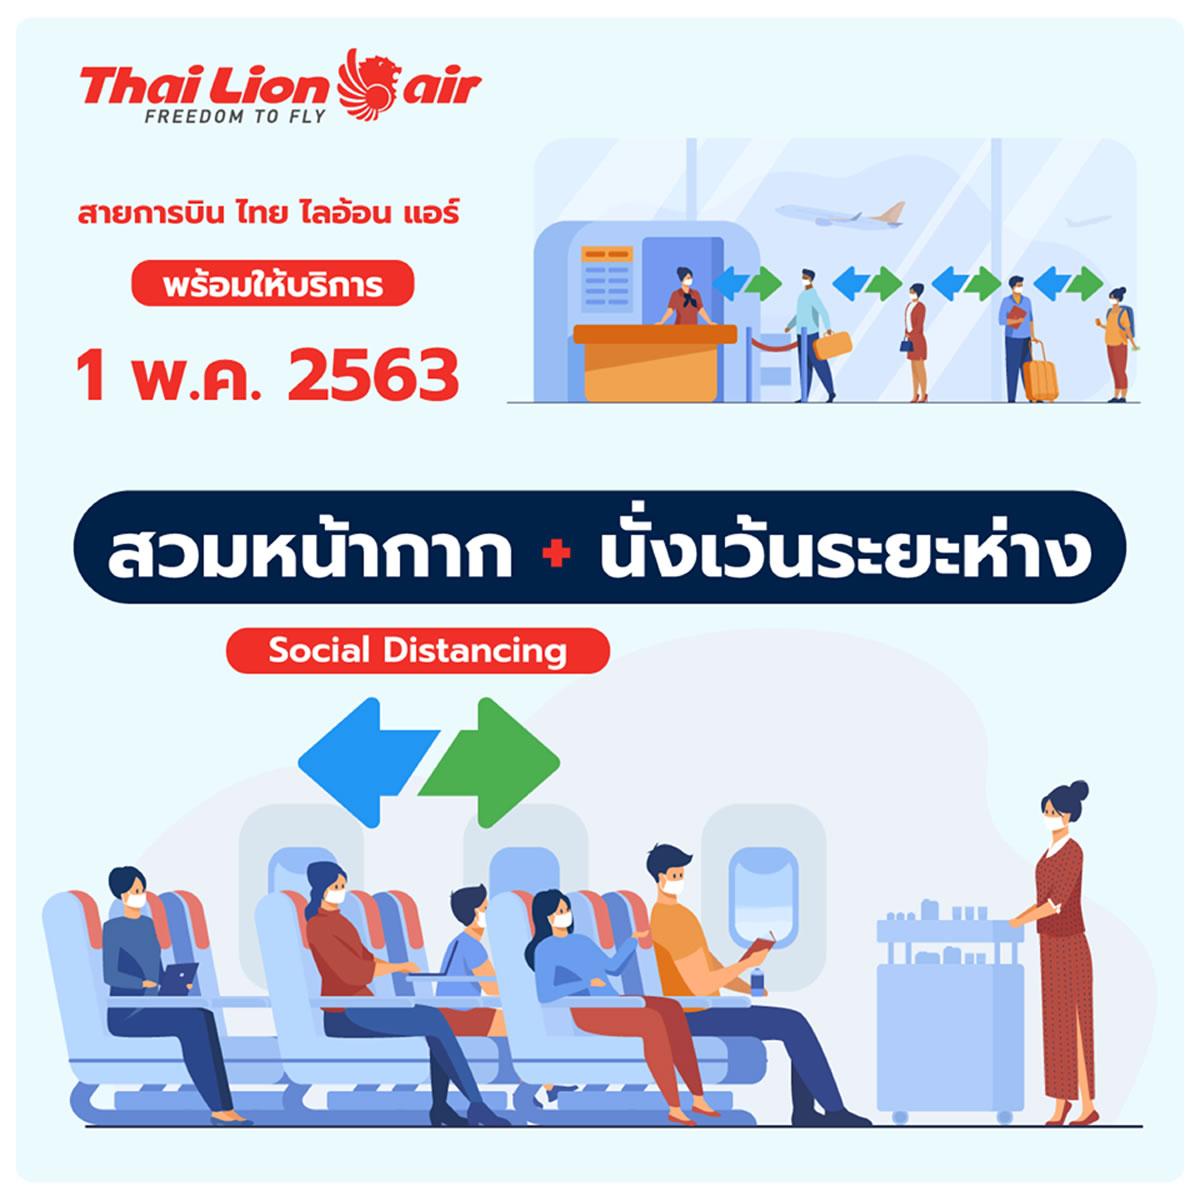 タイ・ライオンエア、2020年5月1日より国内線を再開へ